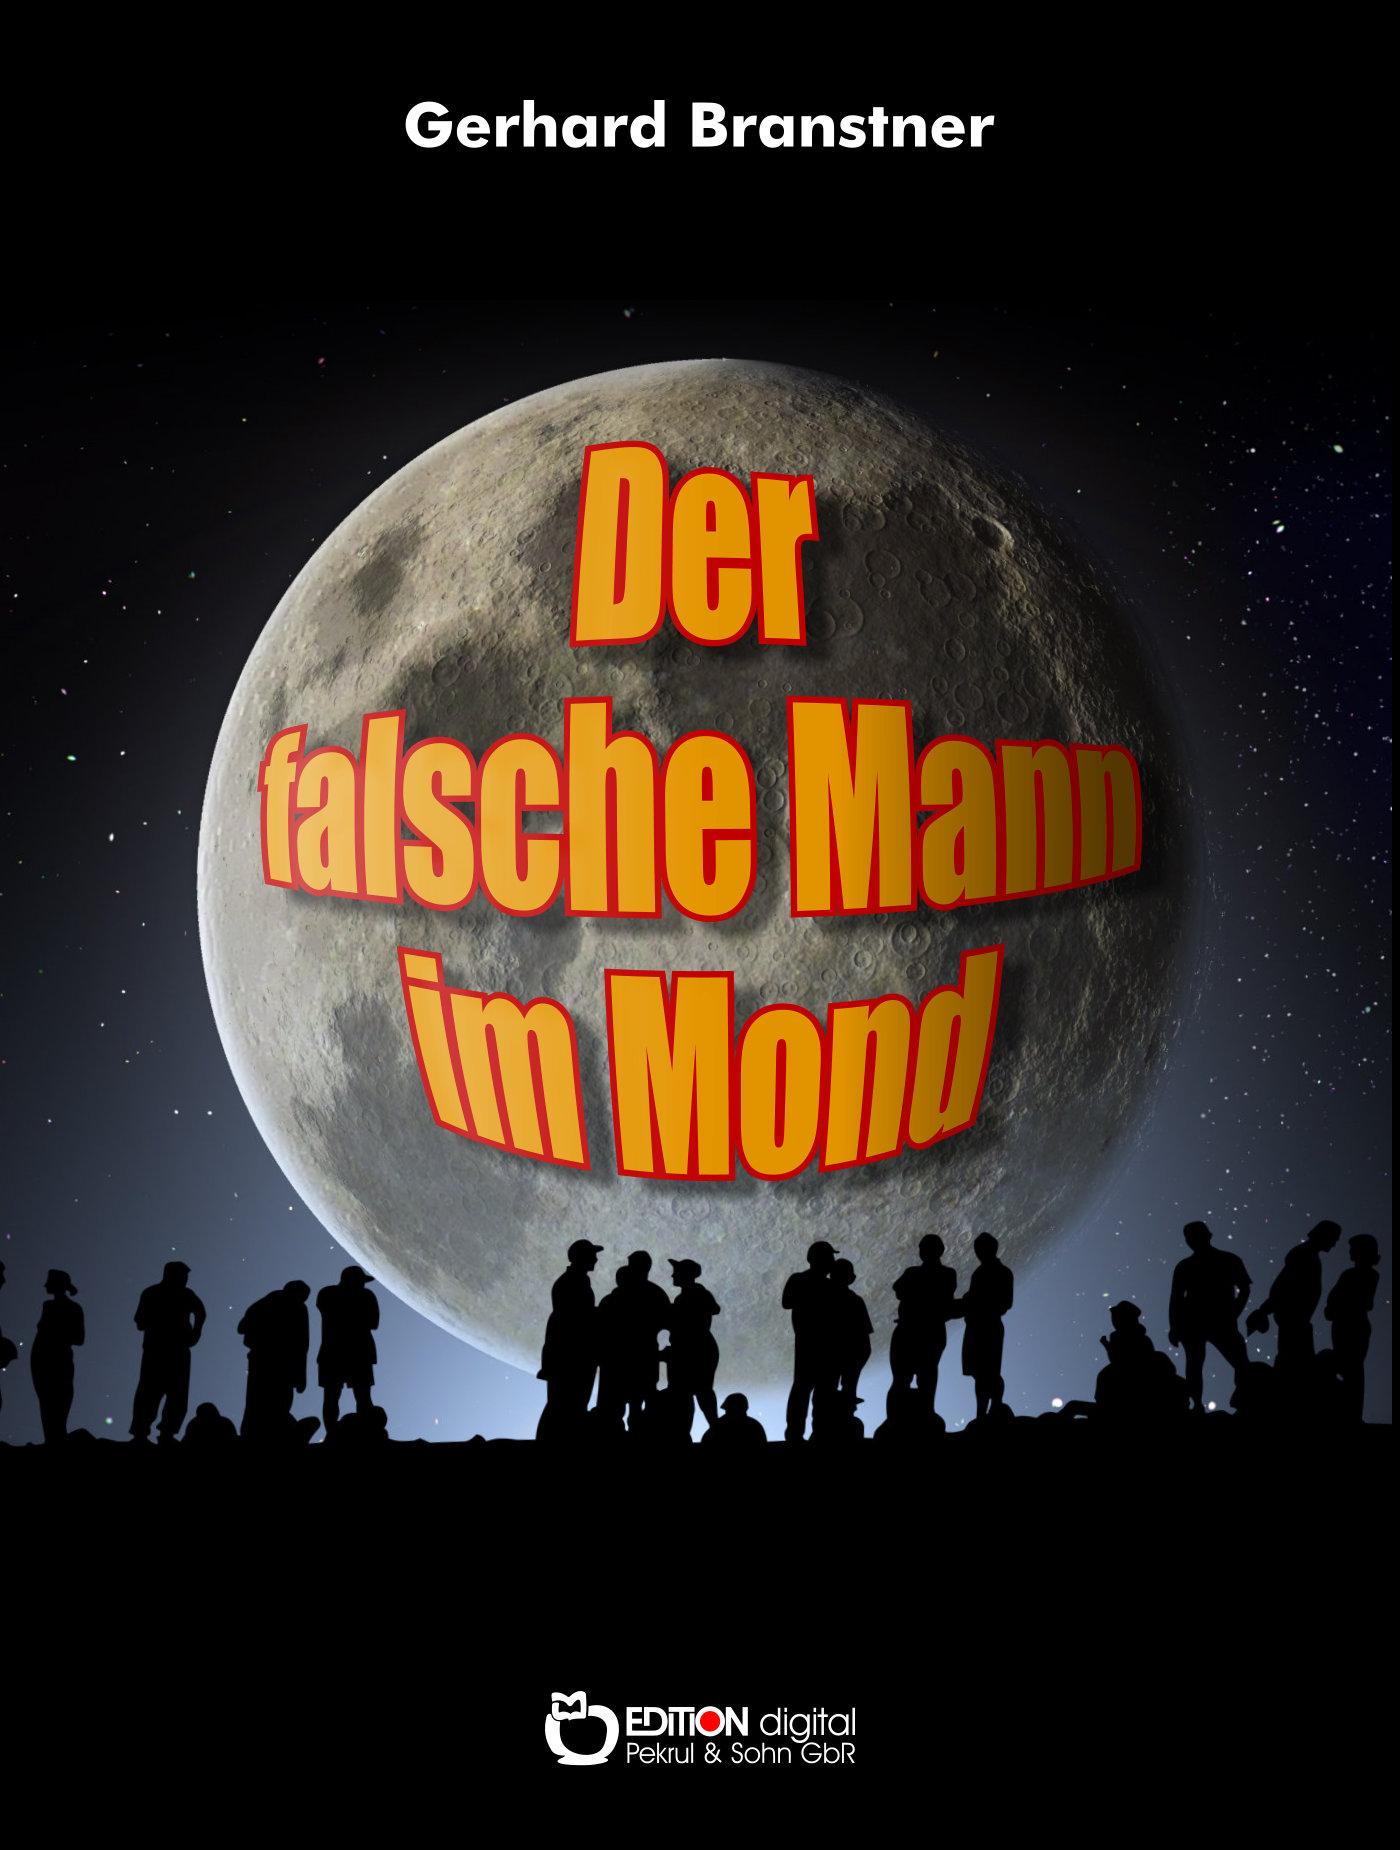 Der falsche Mann im Mond. Utopischer Roman von Gerhard Branstner